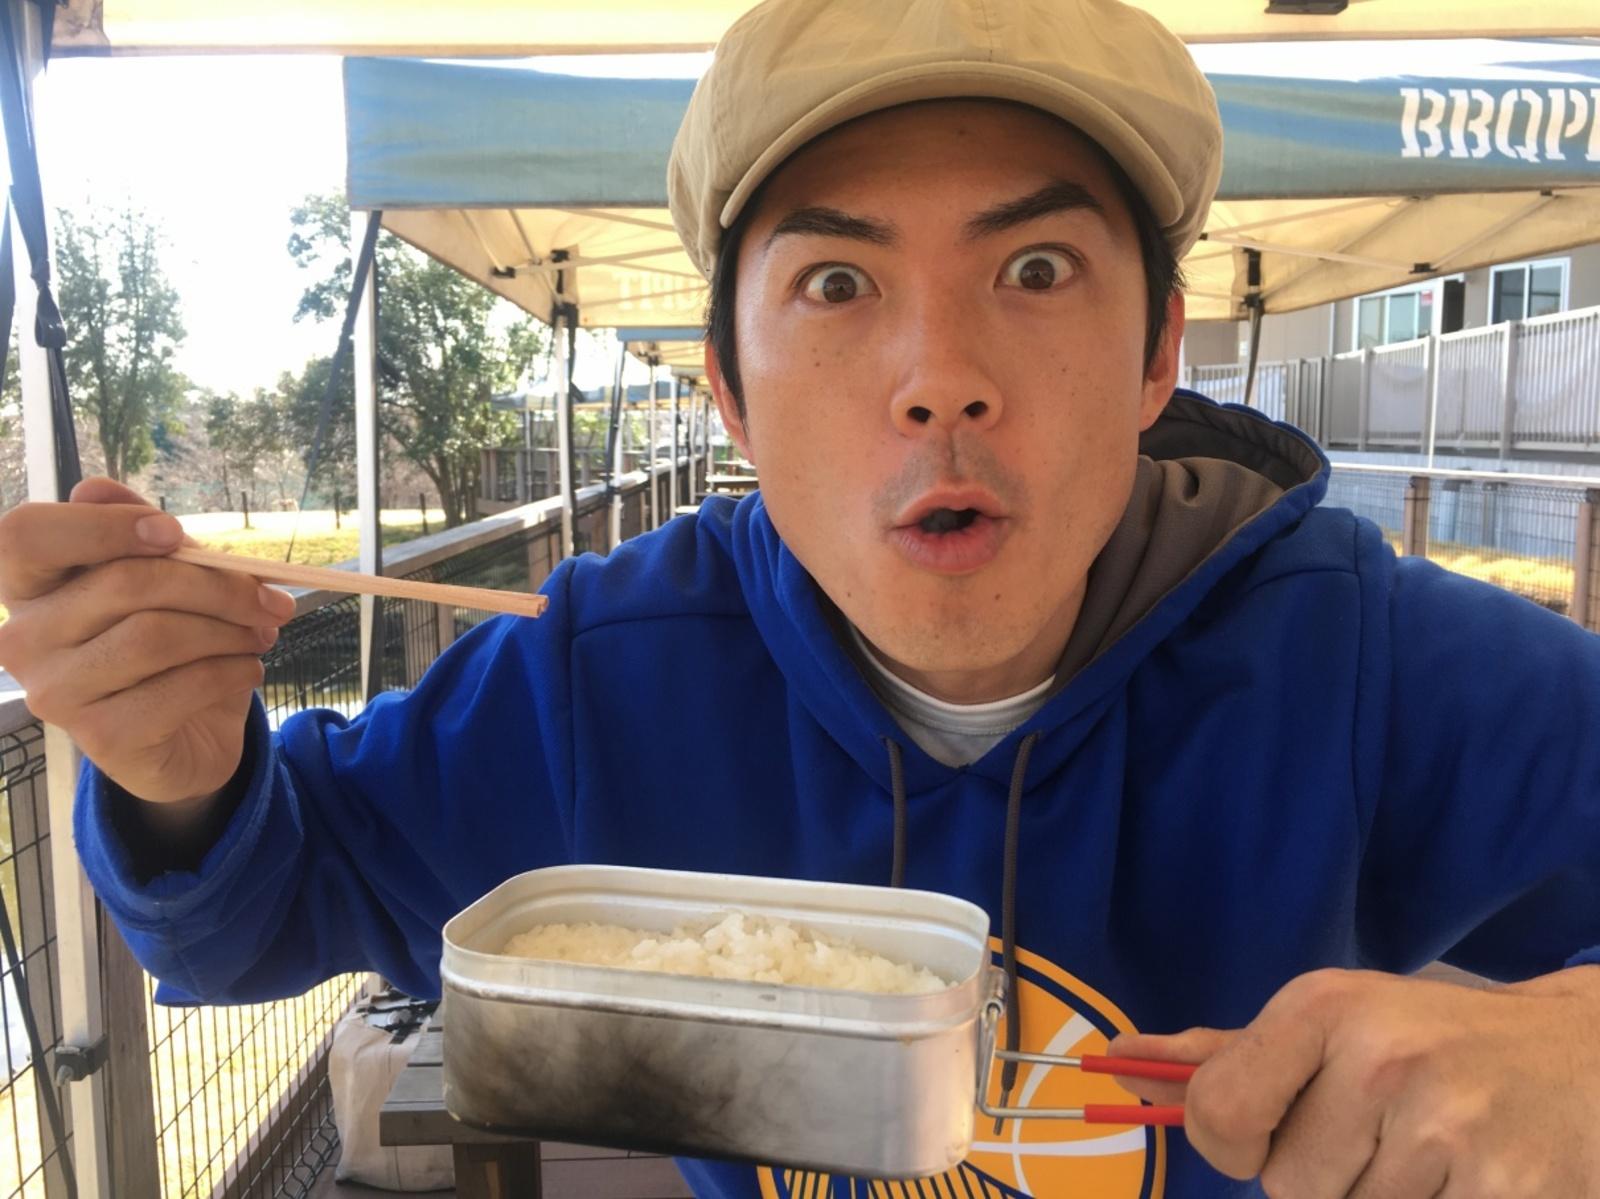 【お願い!たけだバーベキュー】第5弾「加熱器具がなくても、飯盒でお米は炊けますか?」